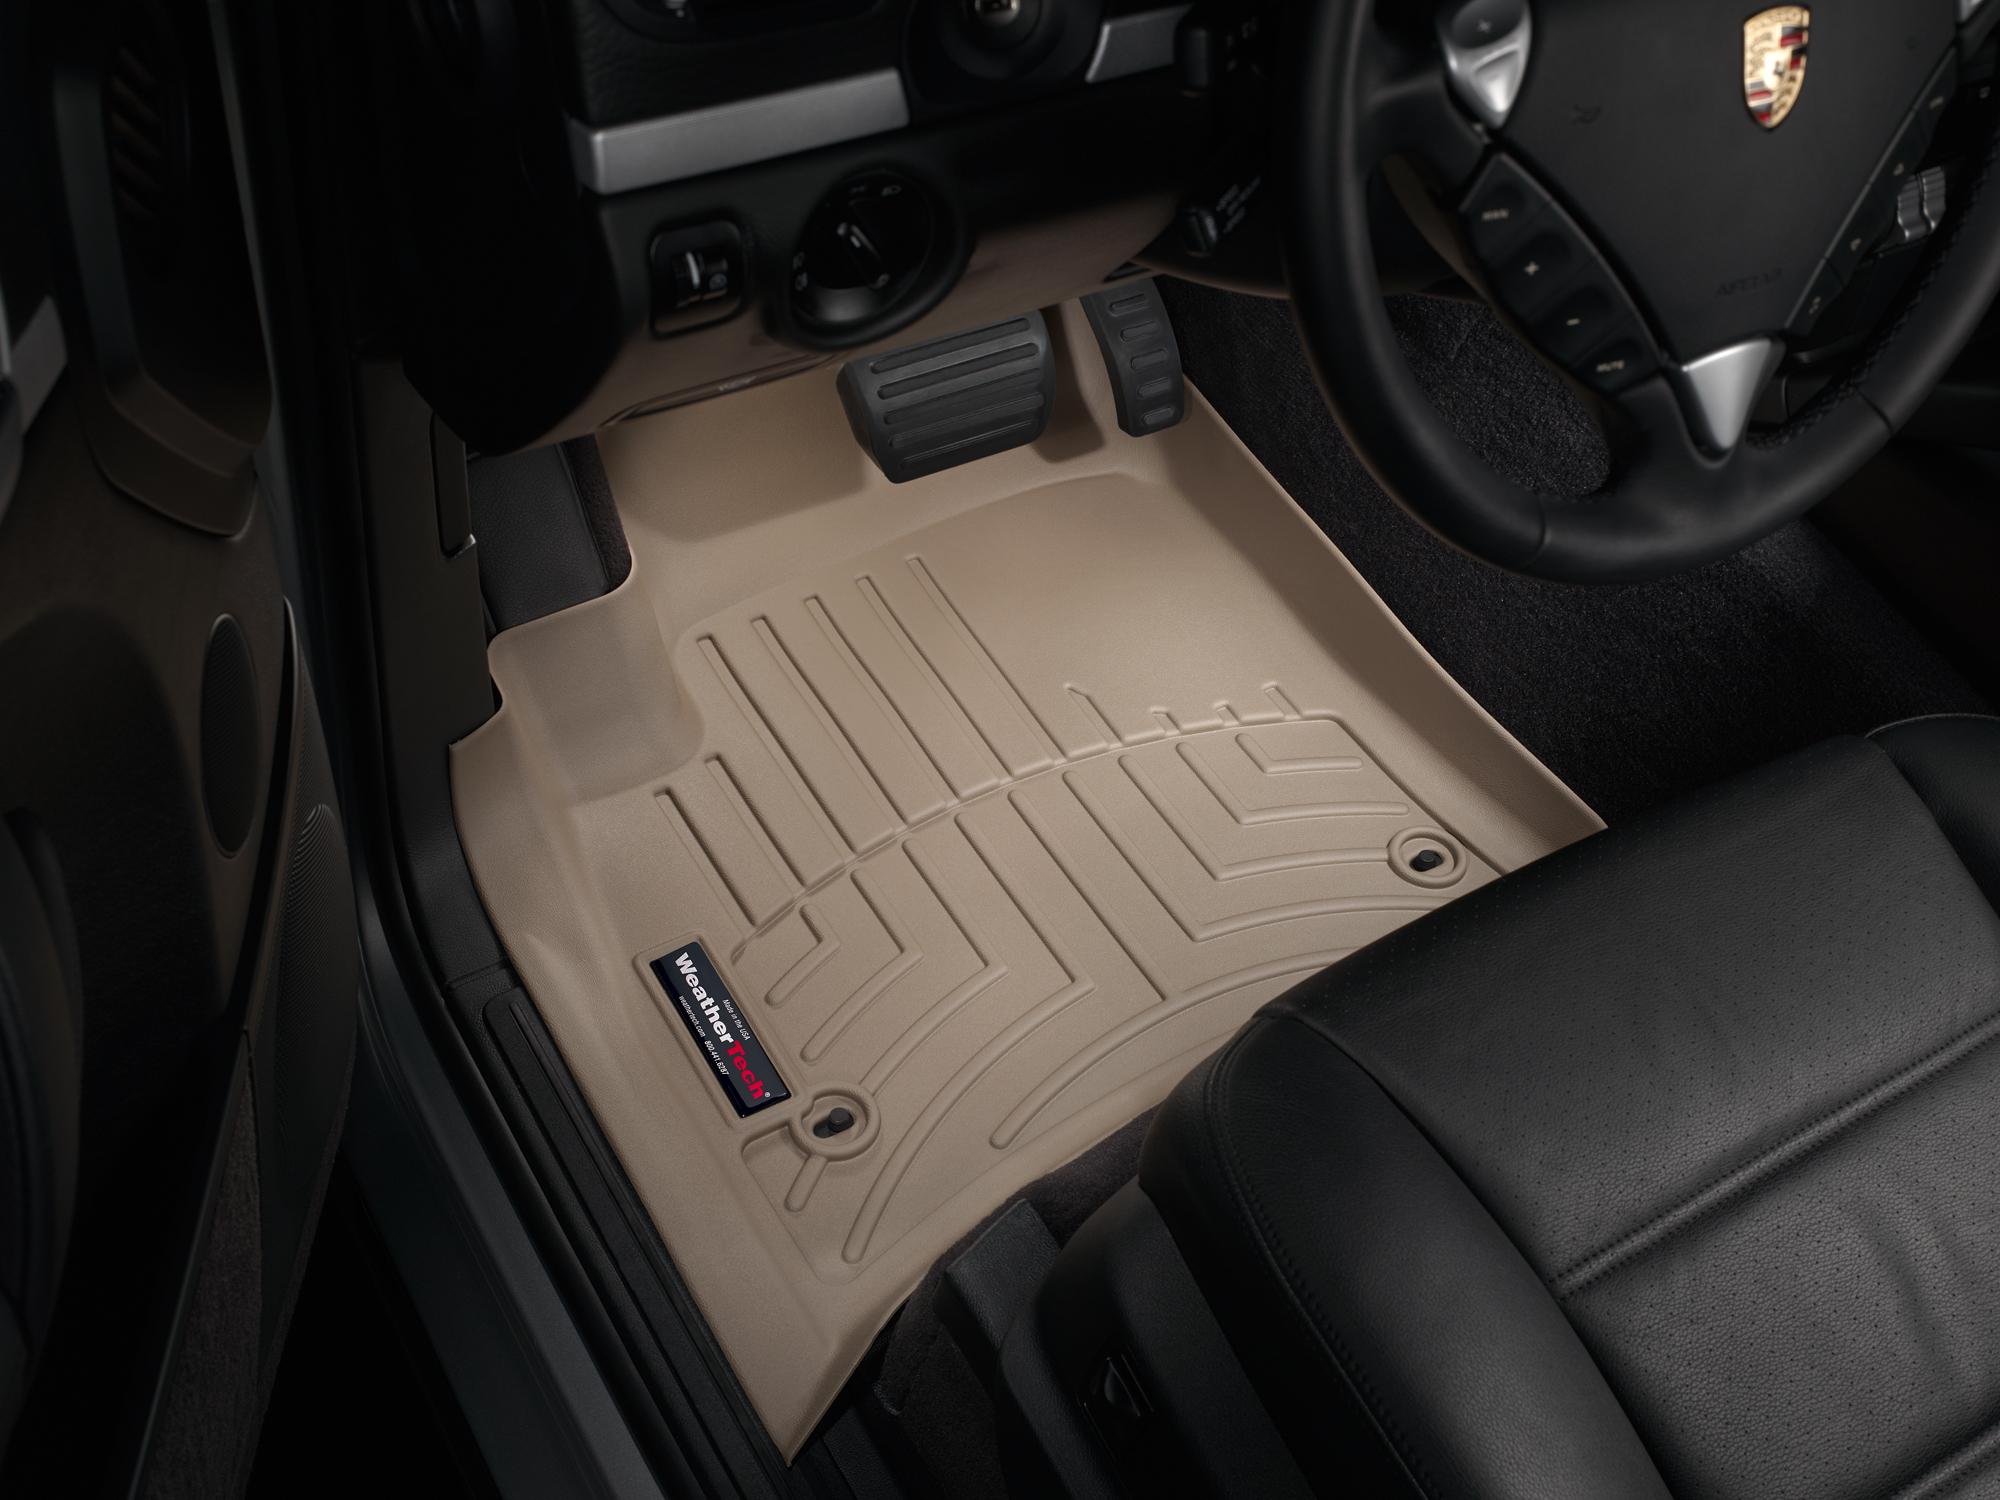 Tappeti gomma su misura bordo alto Volkswagen Touareg 02>06 Marrone A4280*